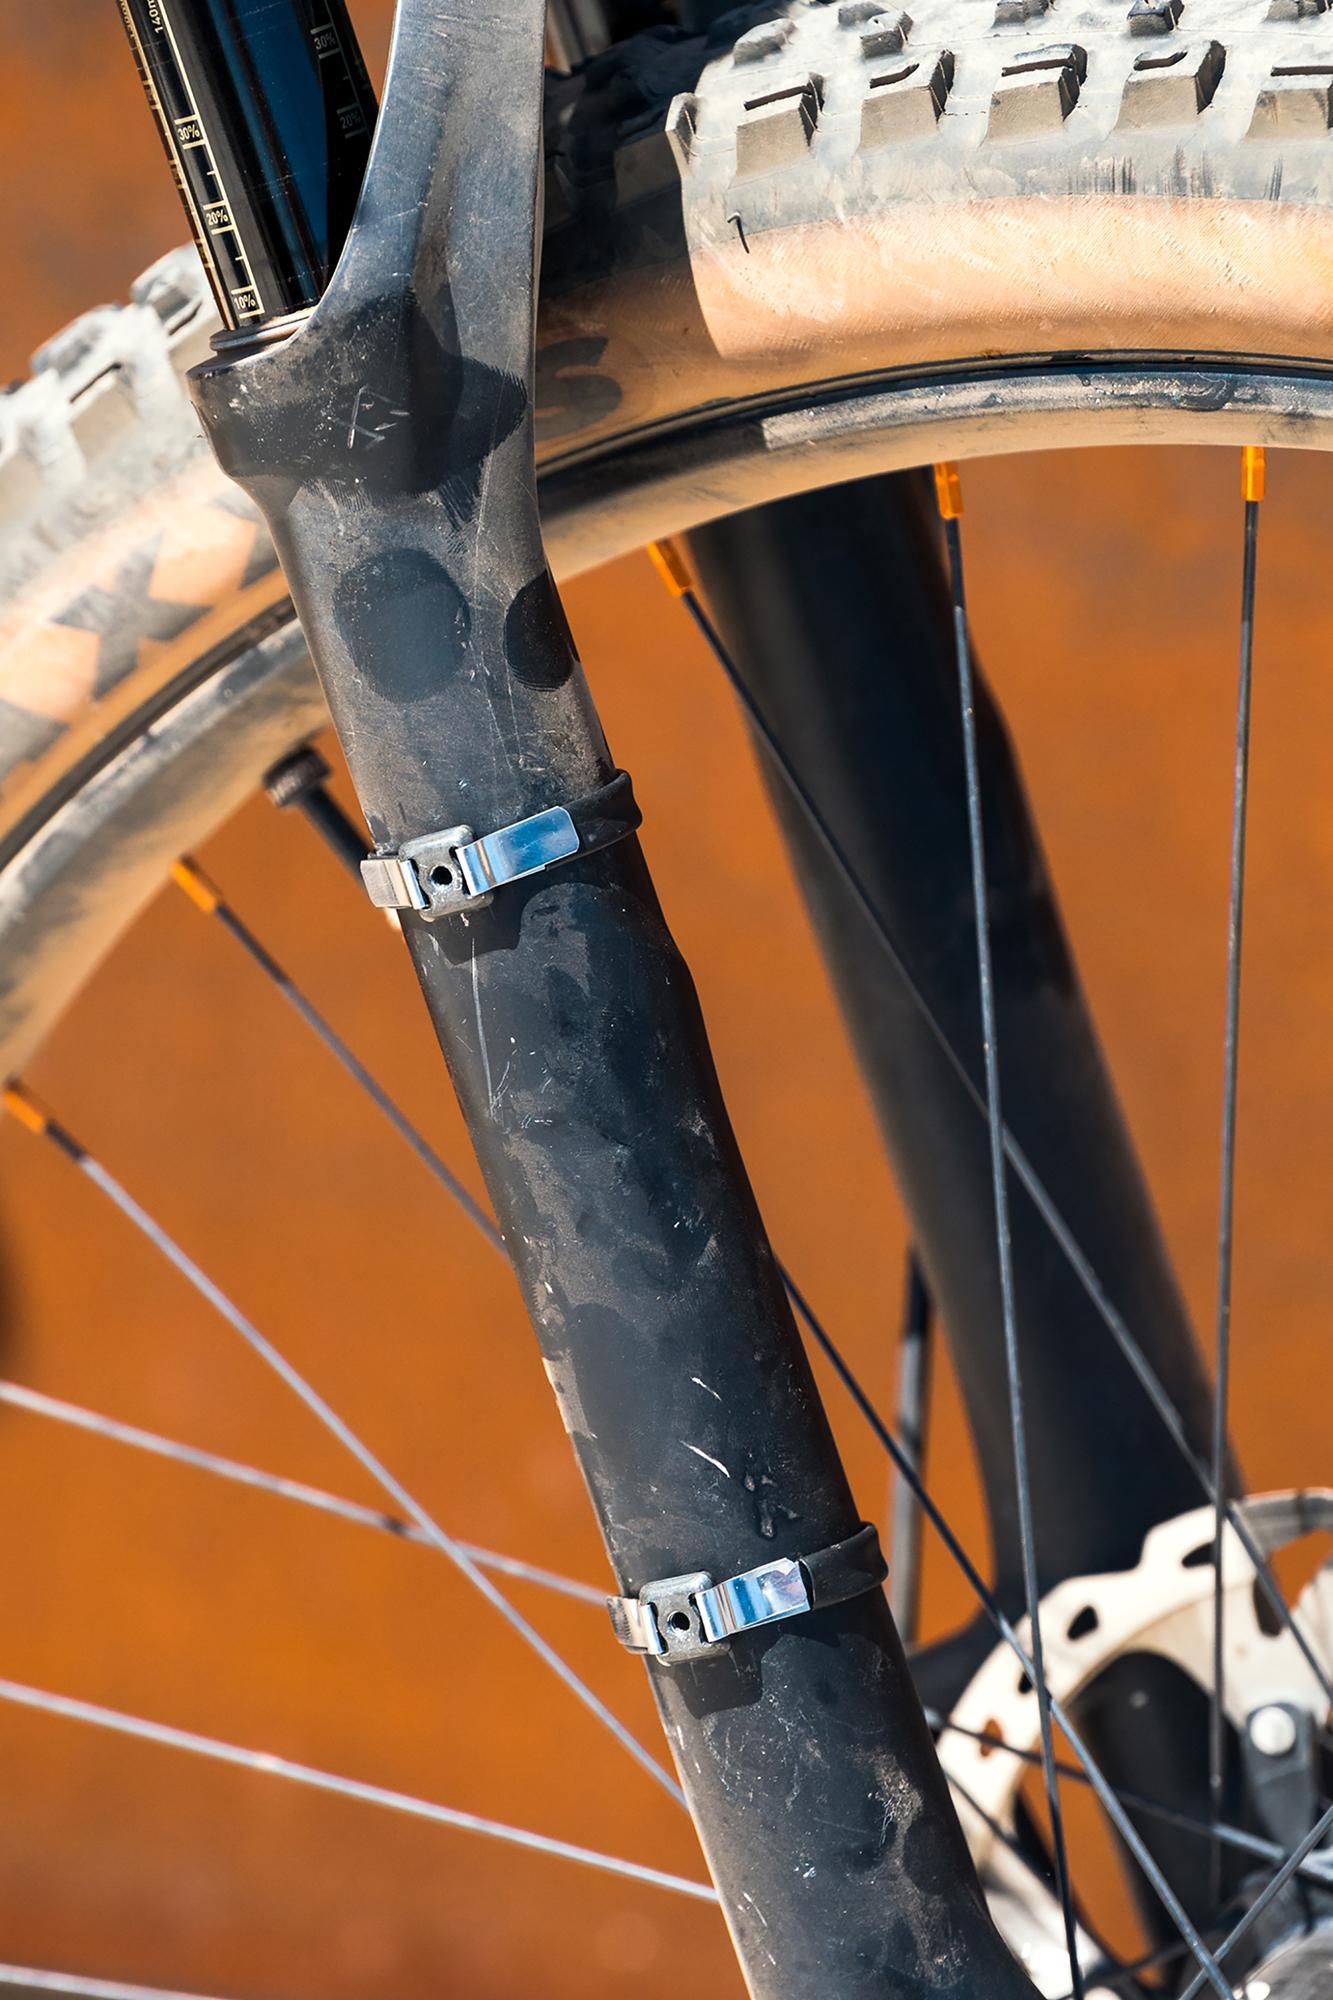 An In-Depth Look at Ortlieb's 2021 Waterproof Bikepacking Lineup